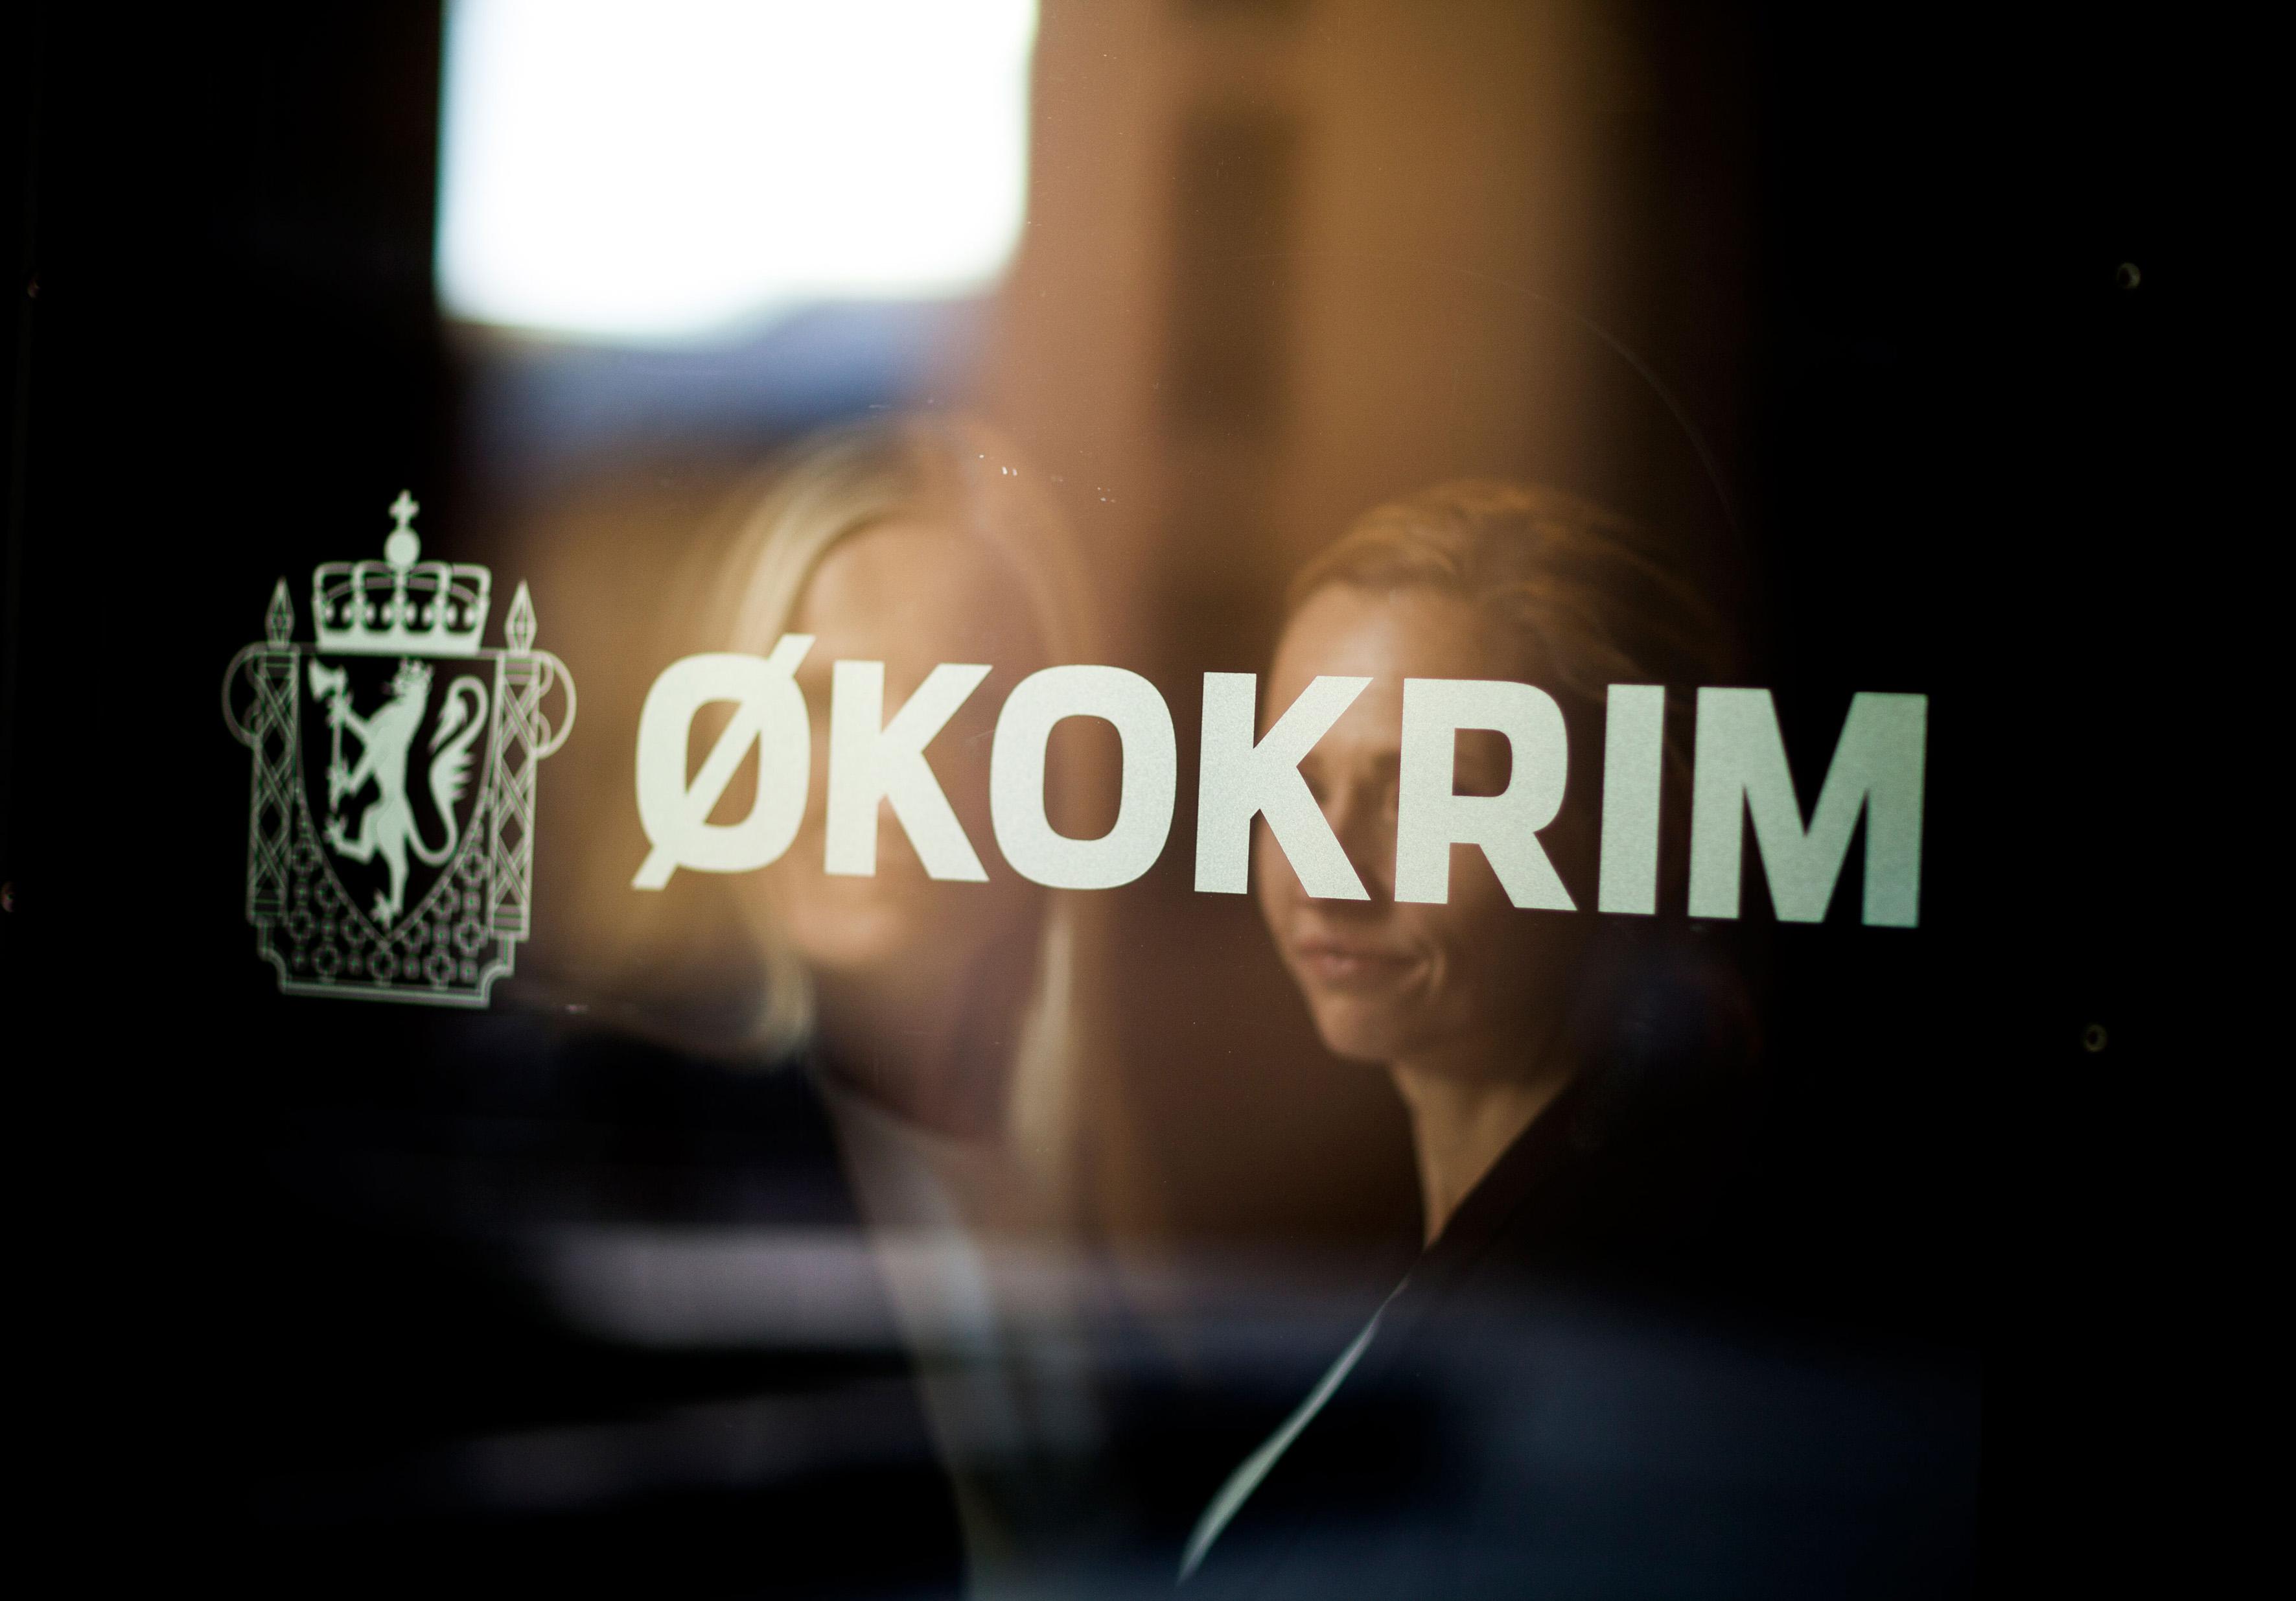 Økokrim_vindu_logo_2.jpg